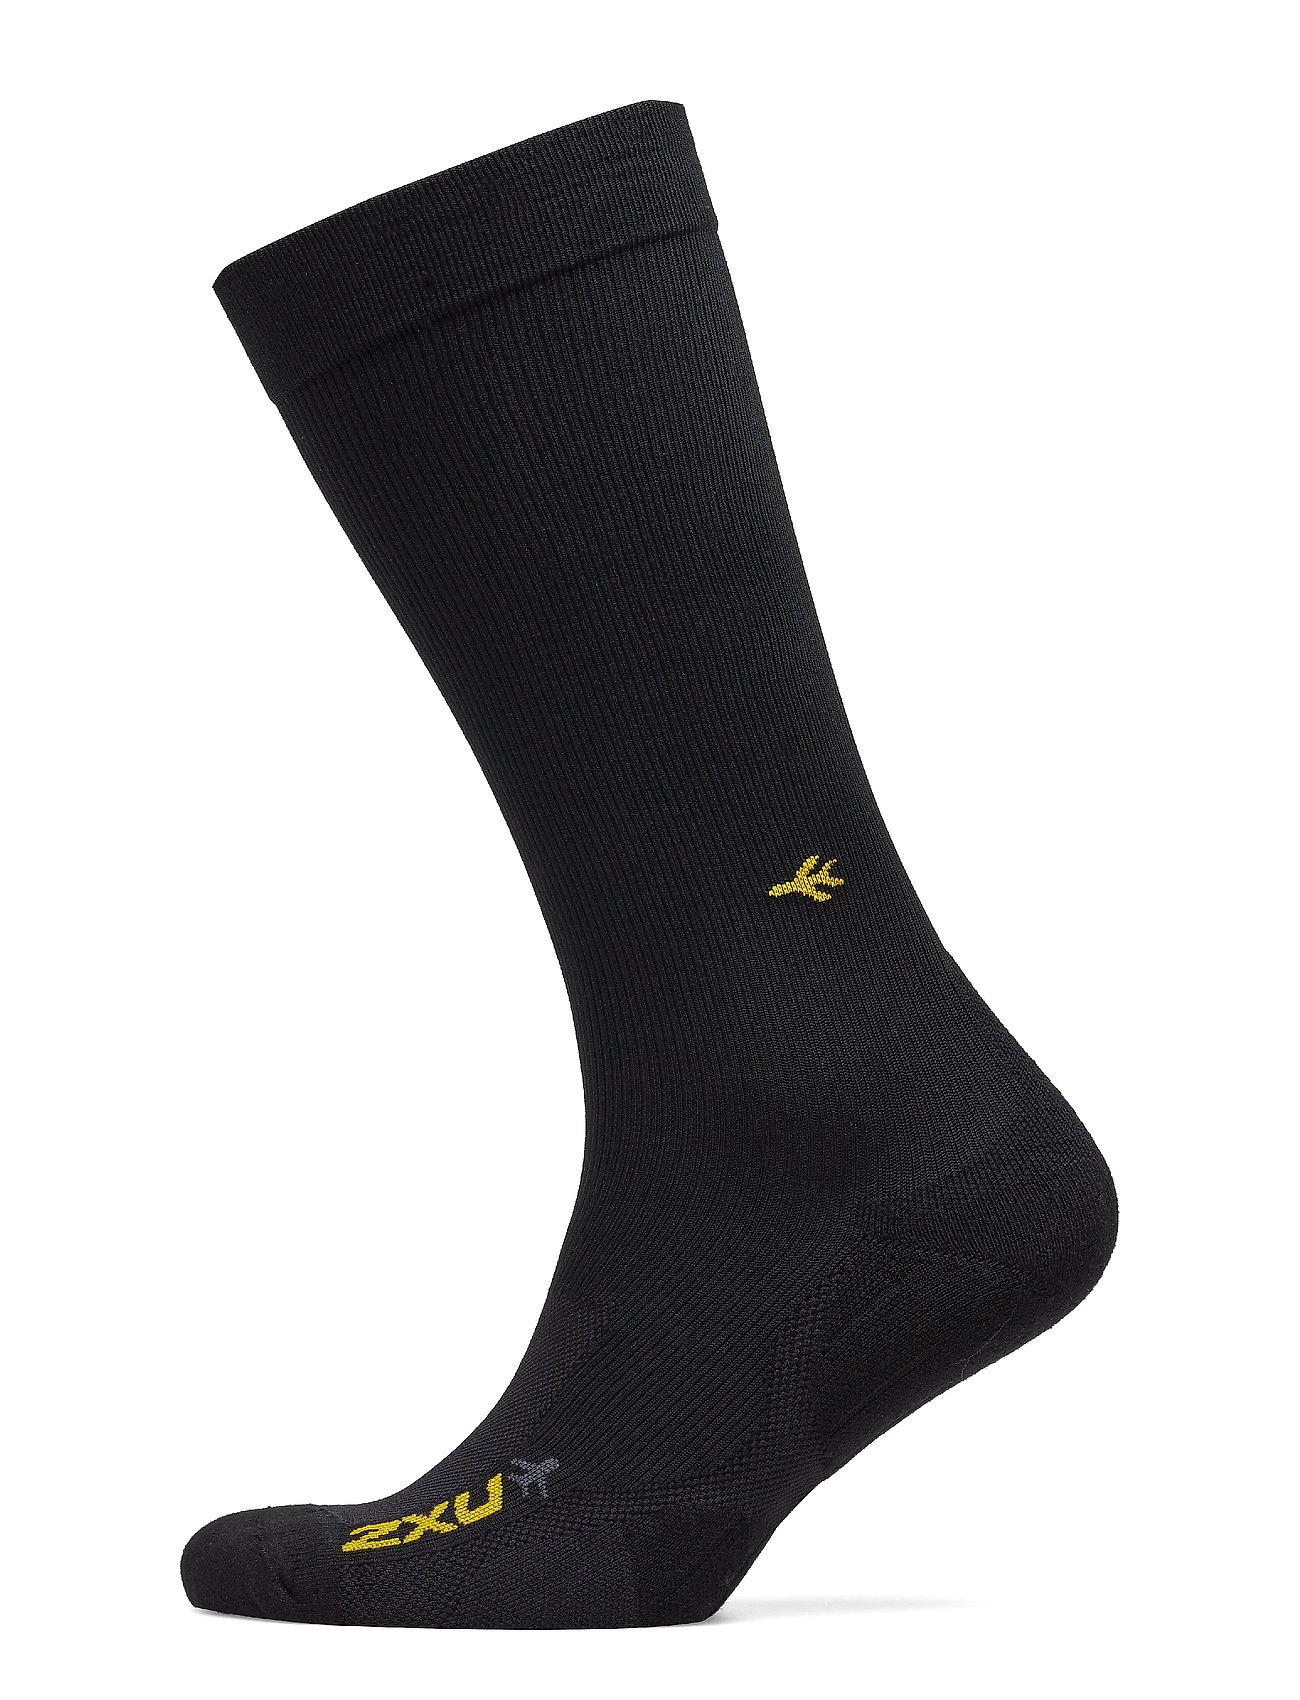 Flight Compression black2xu ublack Socks Socks Flight Compression ARLq354j